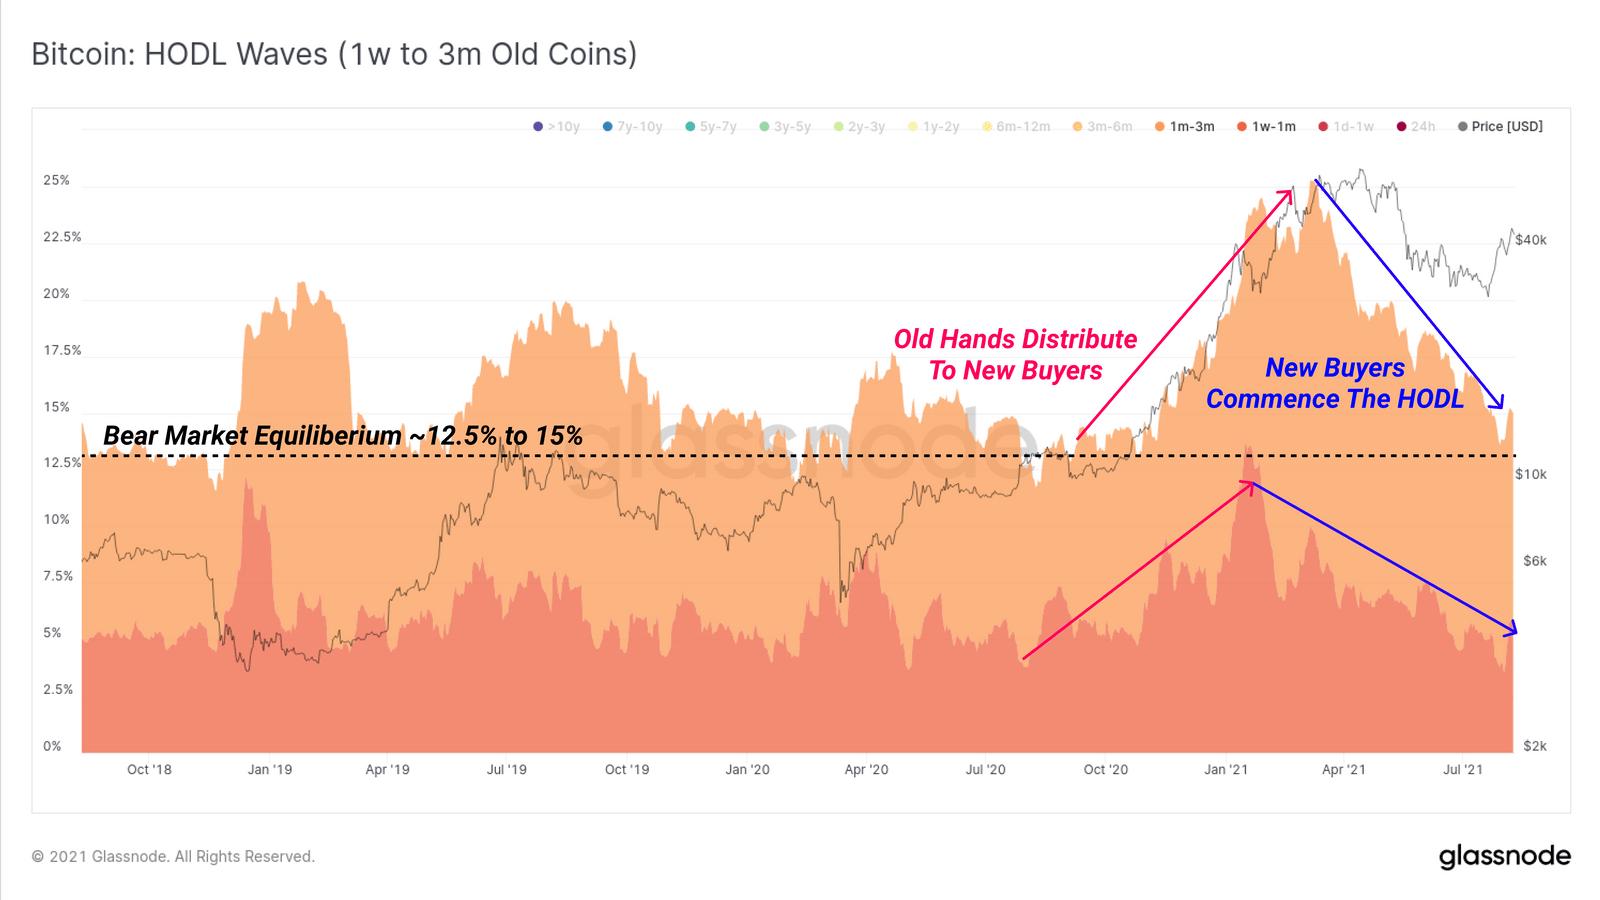 HODL-Wellen für Bitcoin